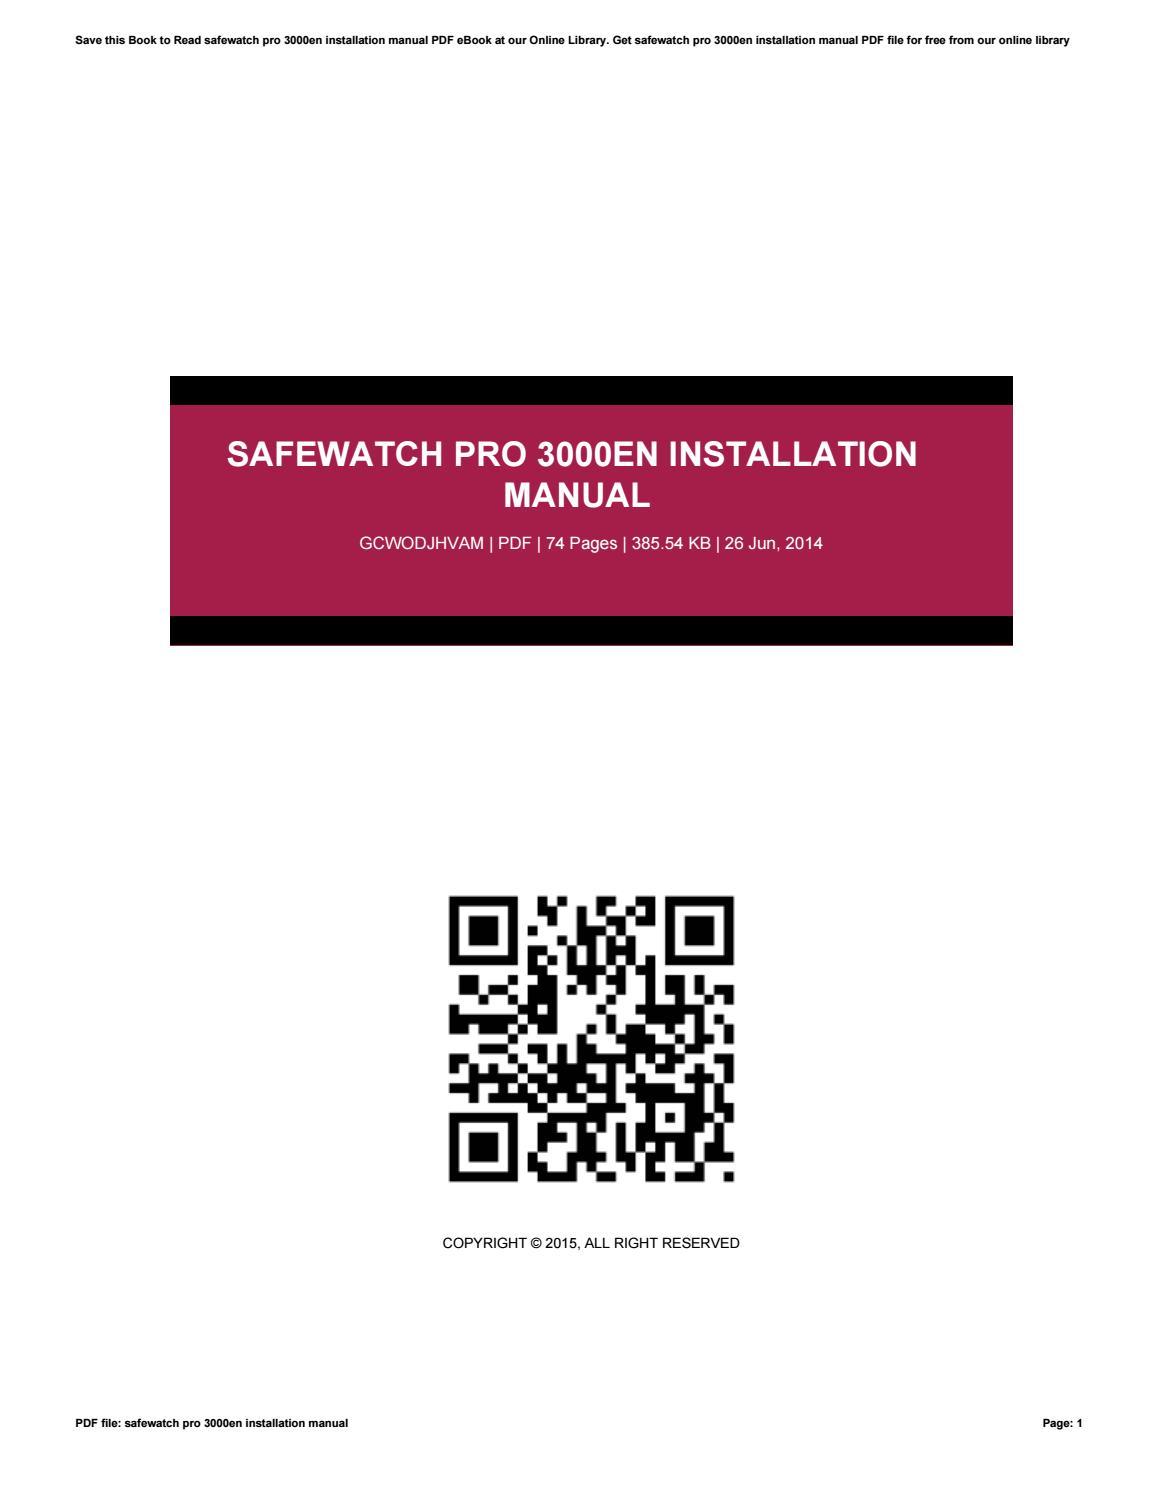 on adt safewatch pro 3000 wiring diagram